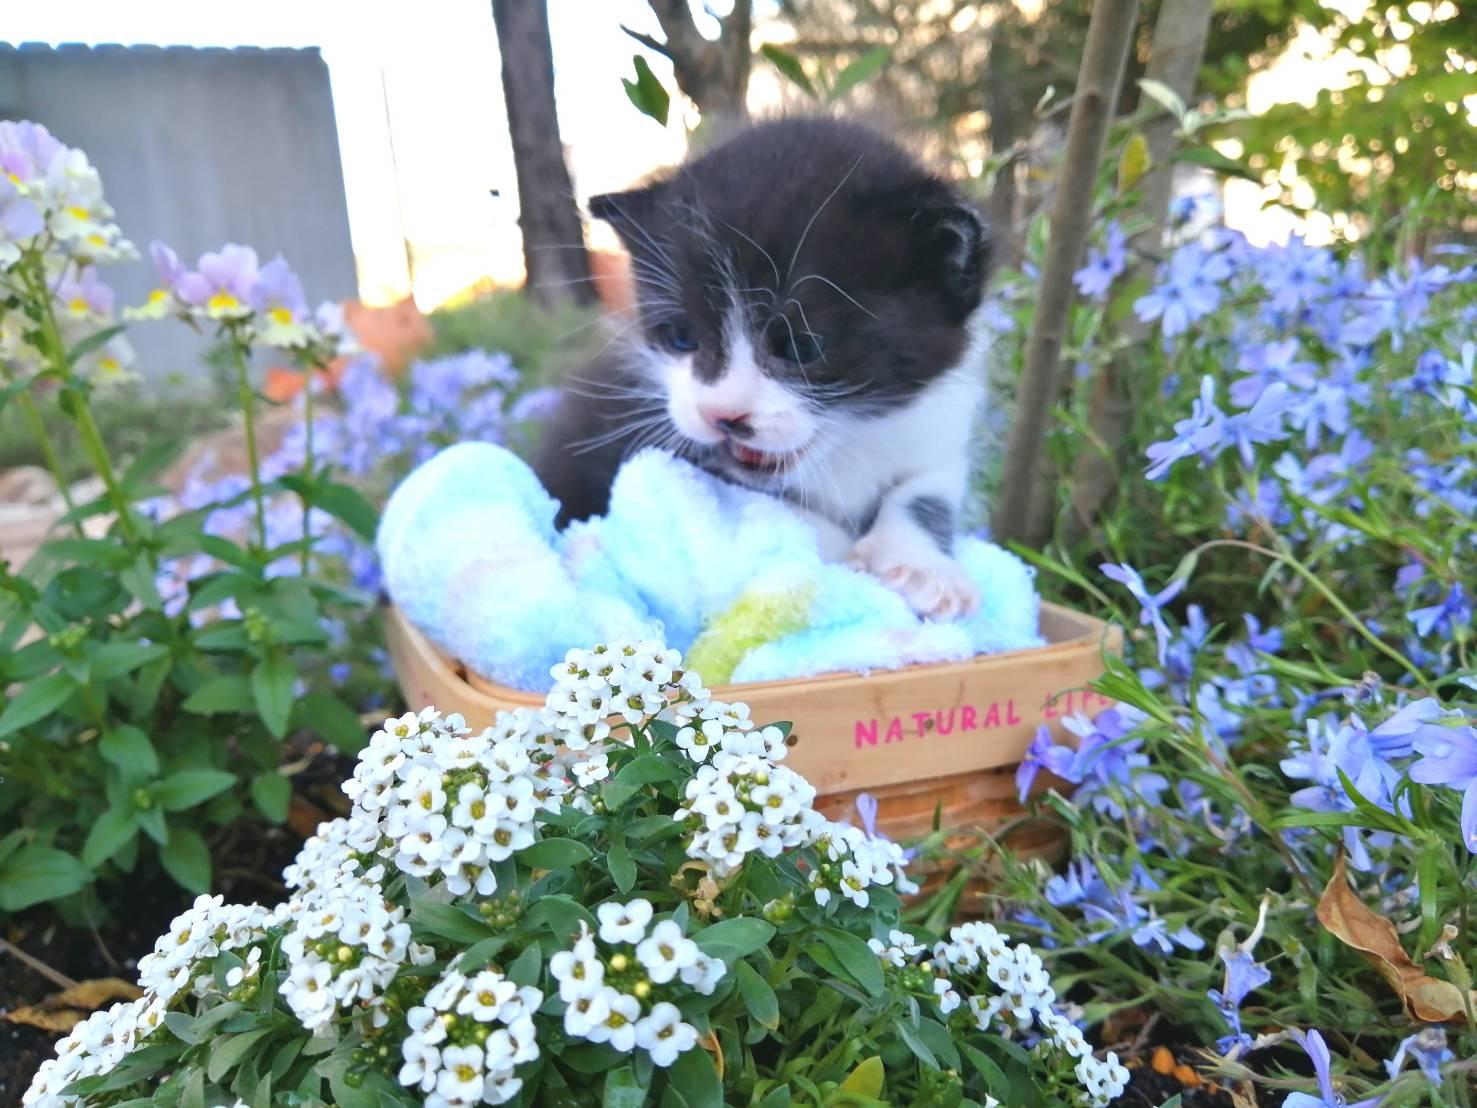 ちび猫づくし!in豊明 ★猫の譲渡会~ちーむ にゃいんず 2021年6月26日(土)開催